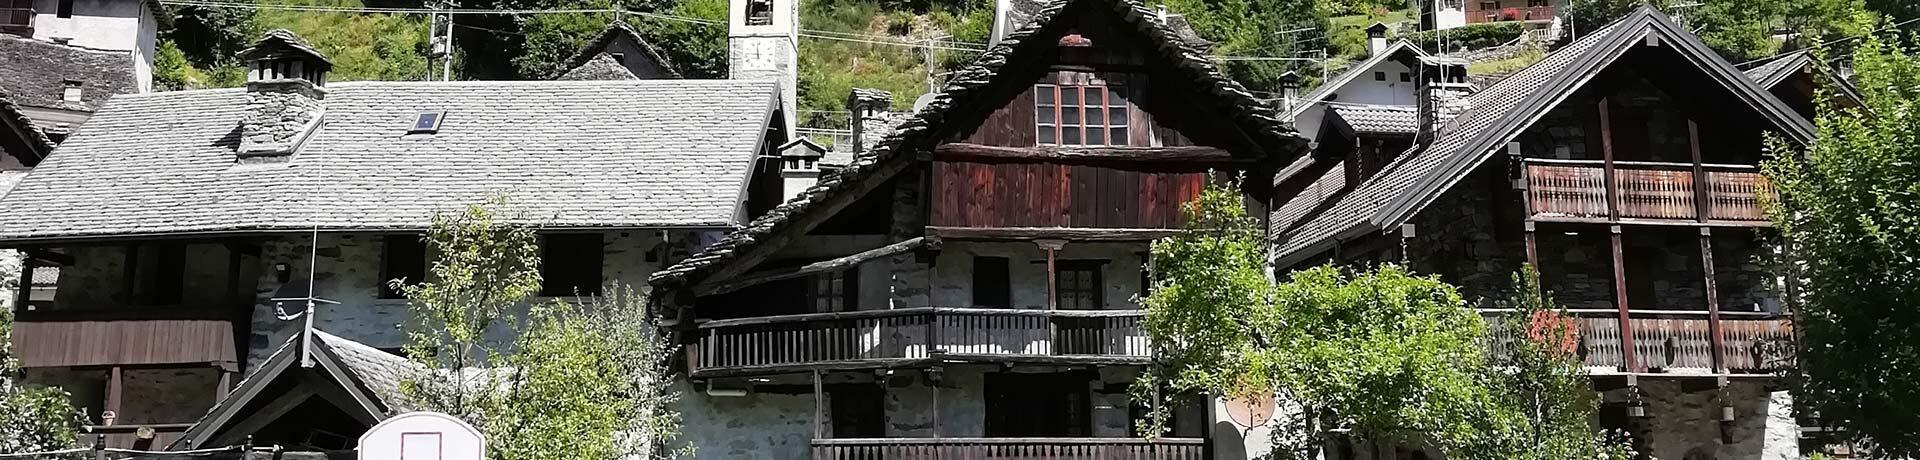 residencecimajazzi en chalet-borgone-monte-rosa 008